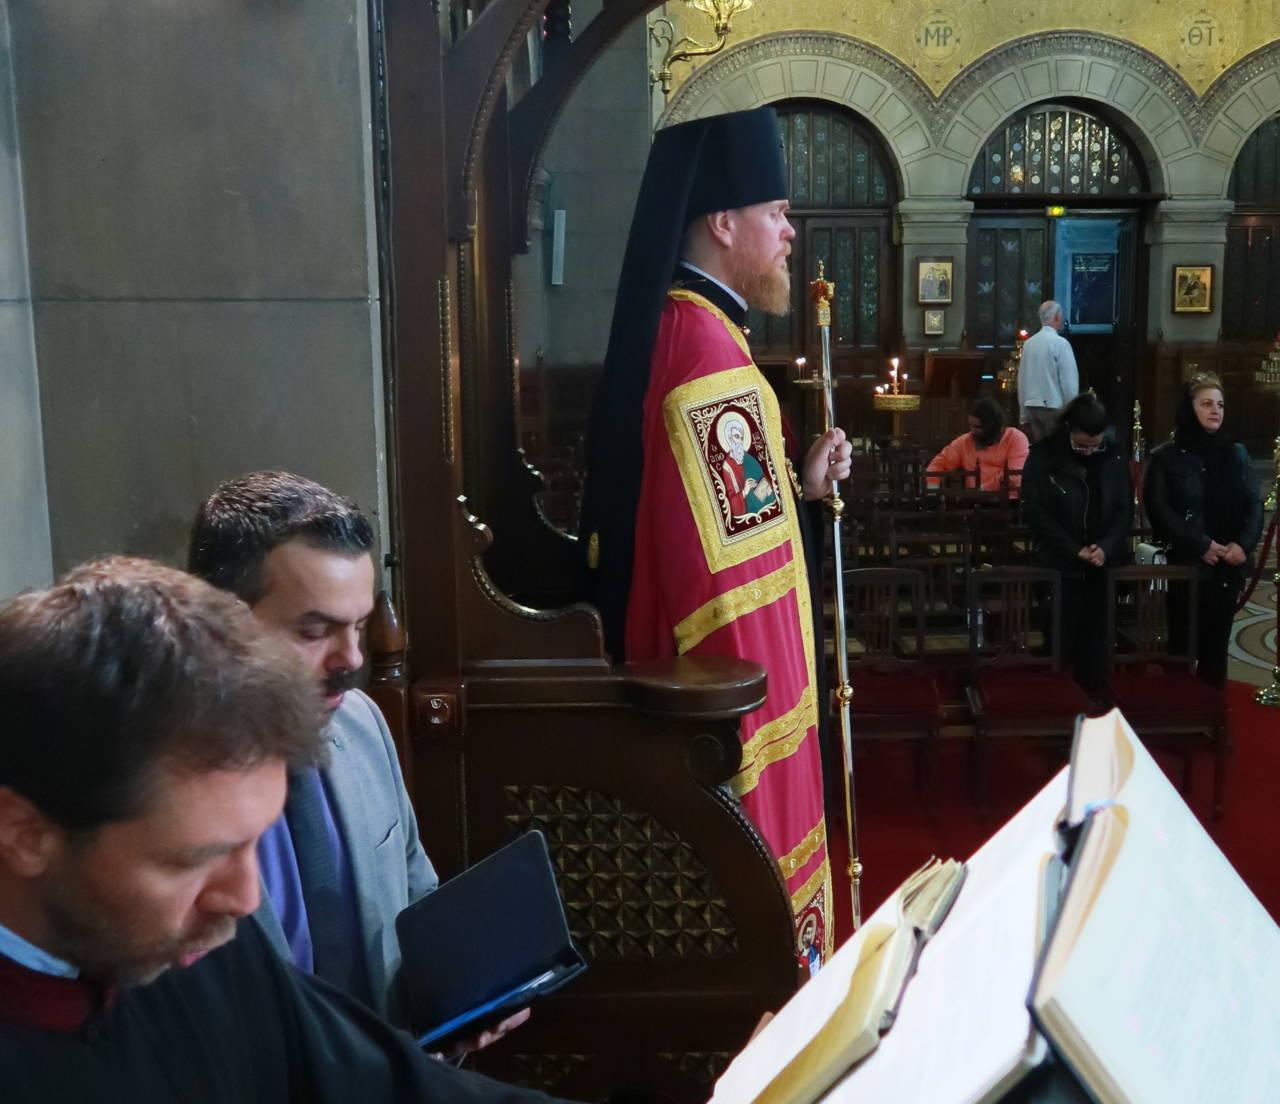 IMG 3291 - Ο Αρχιεπίσκοπος Τσερνιχίβ κ. Ευστράτιος στο Παρίσι